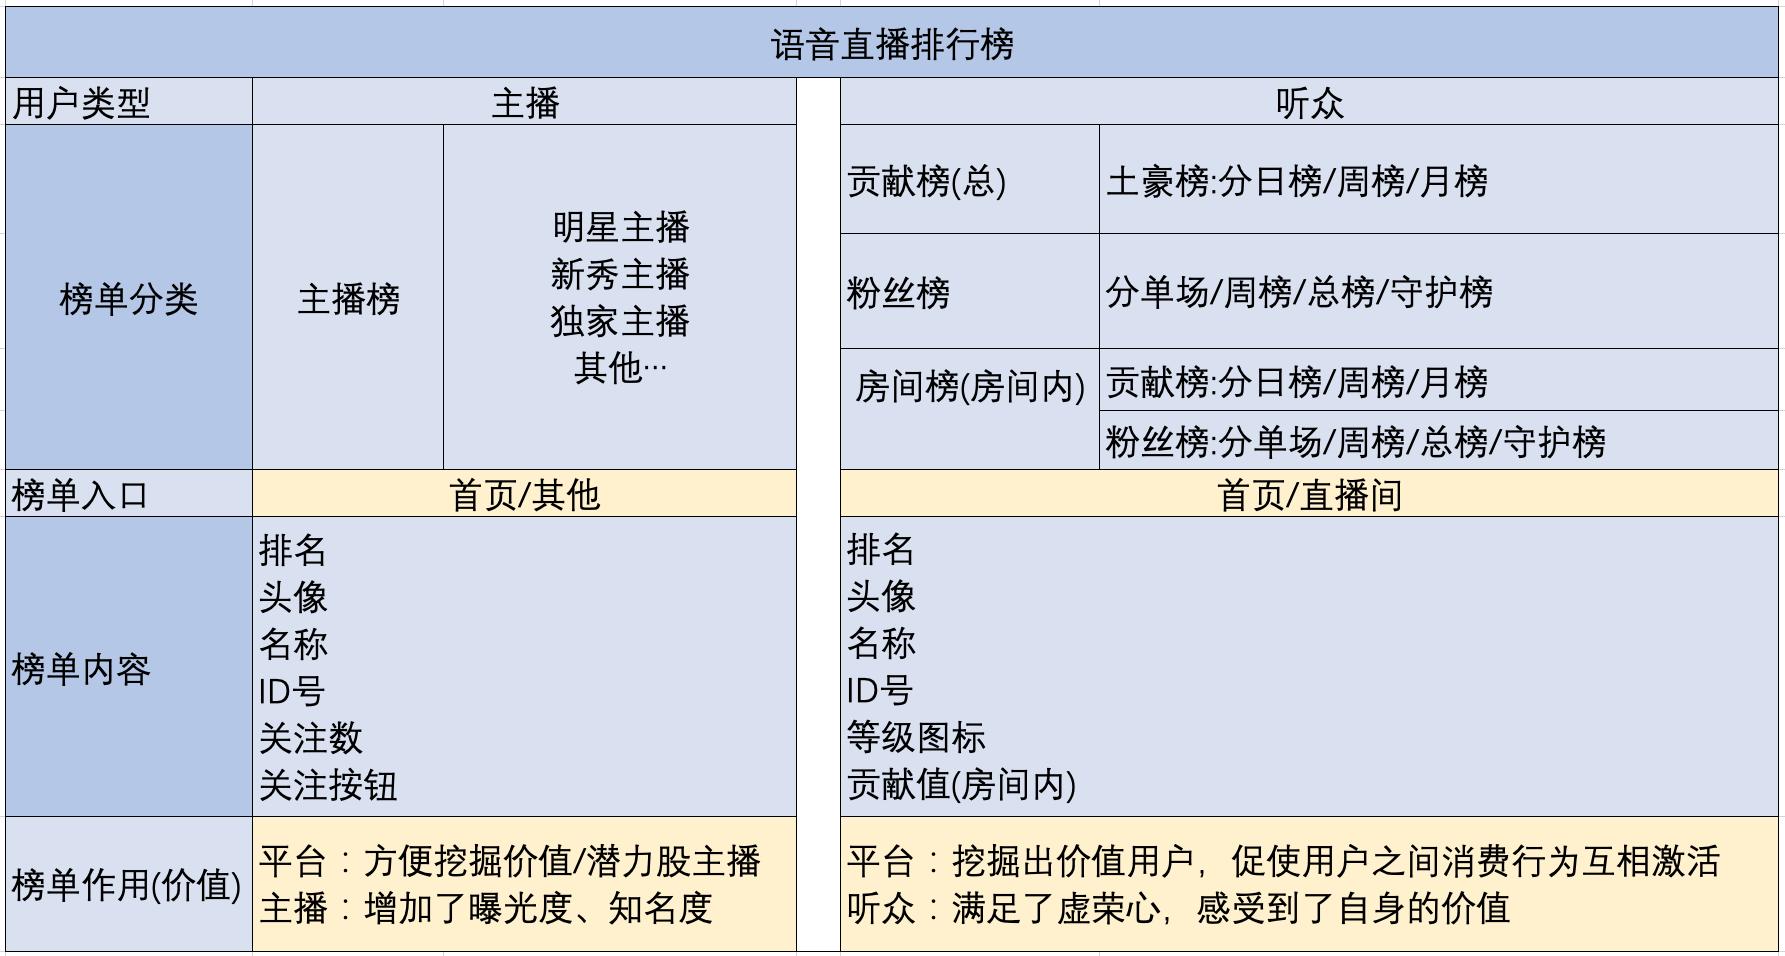 语音直播产品,如何设计用户激励体系之等级体系插图7